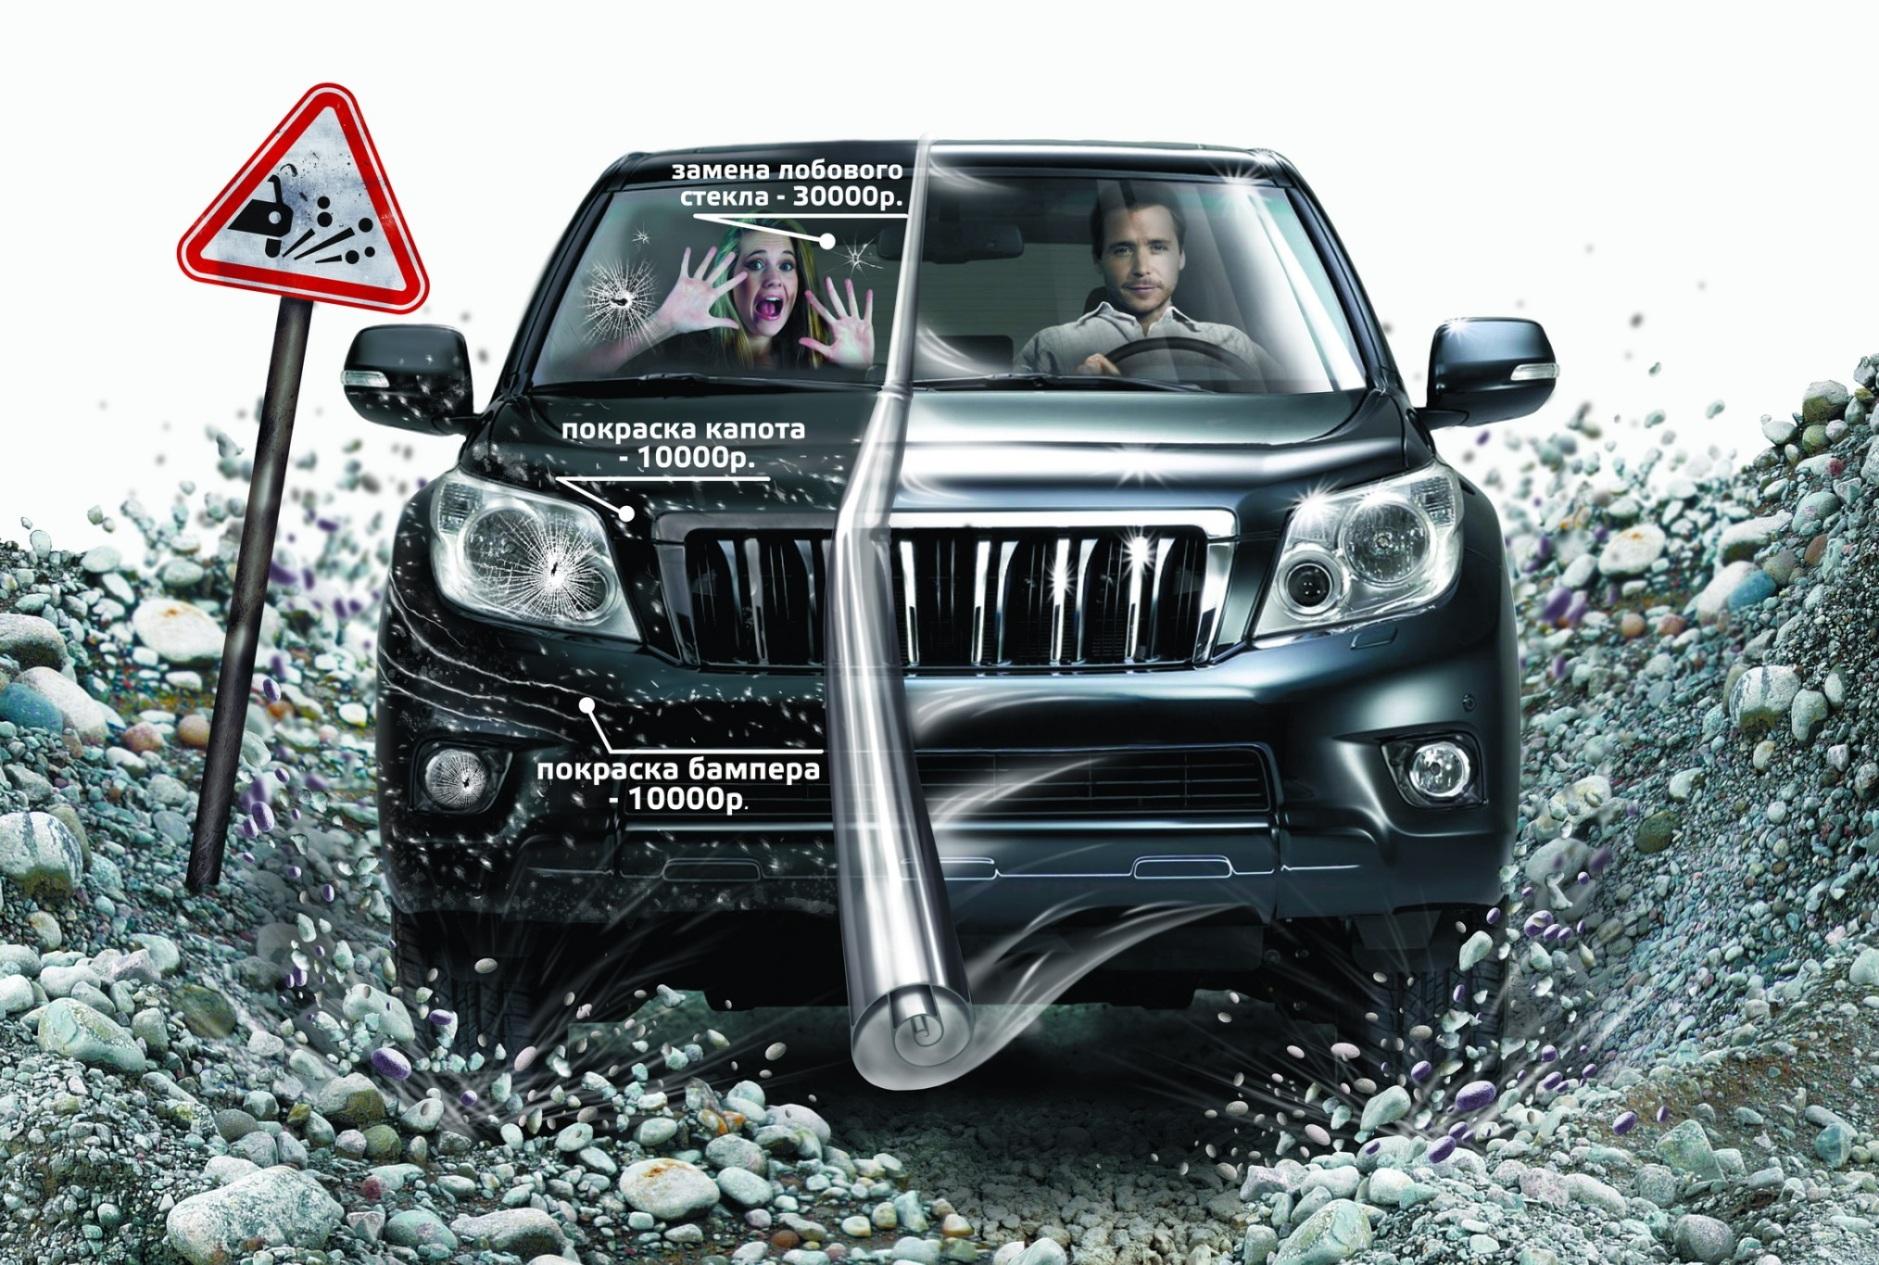 защита кузова автомобиля от сколов и царапин в москве